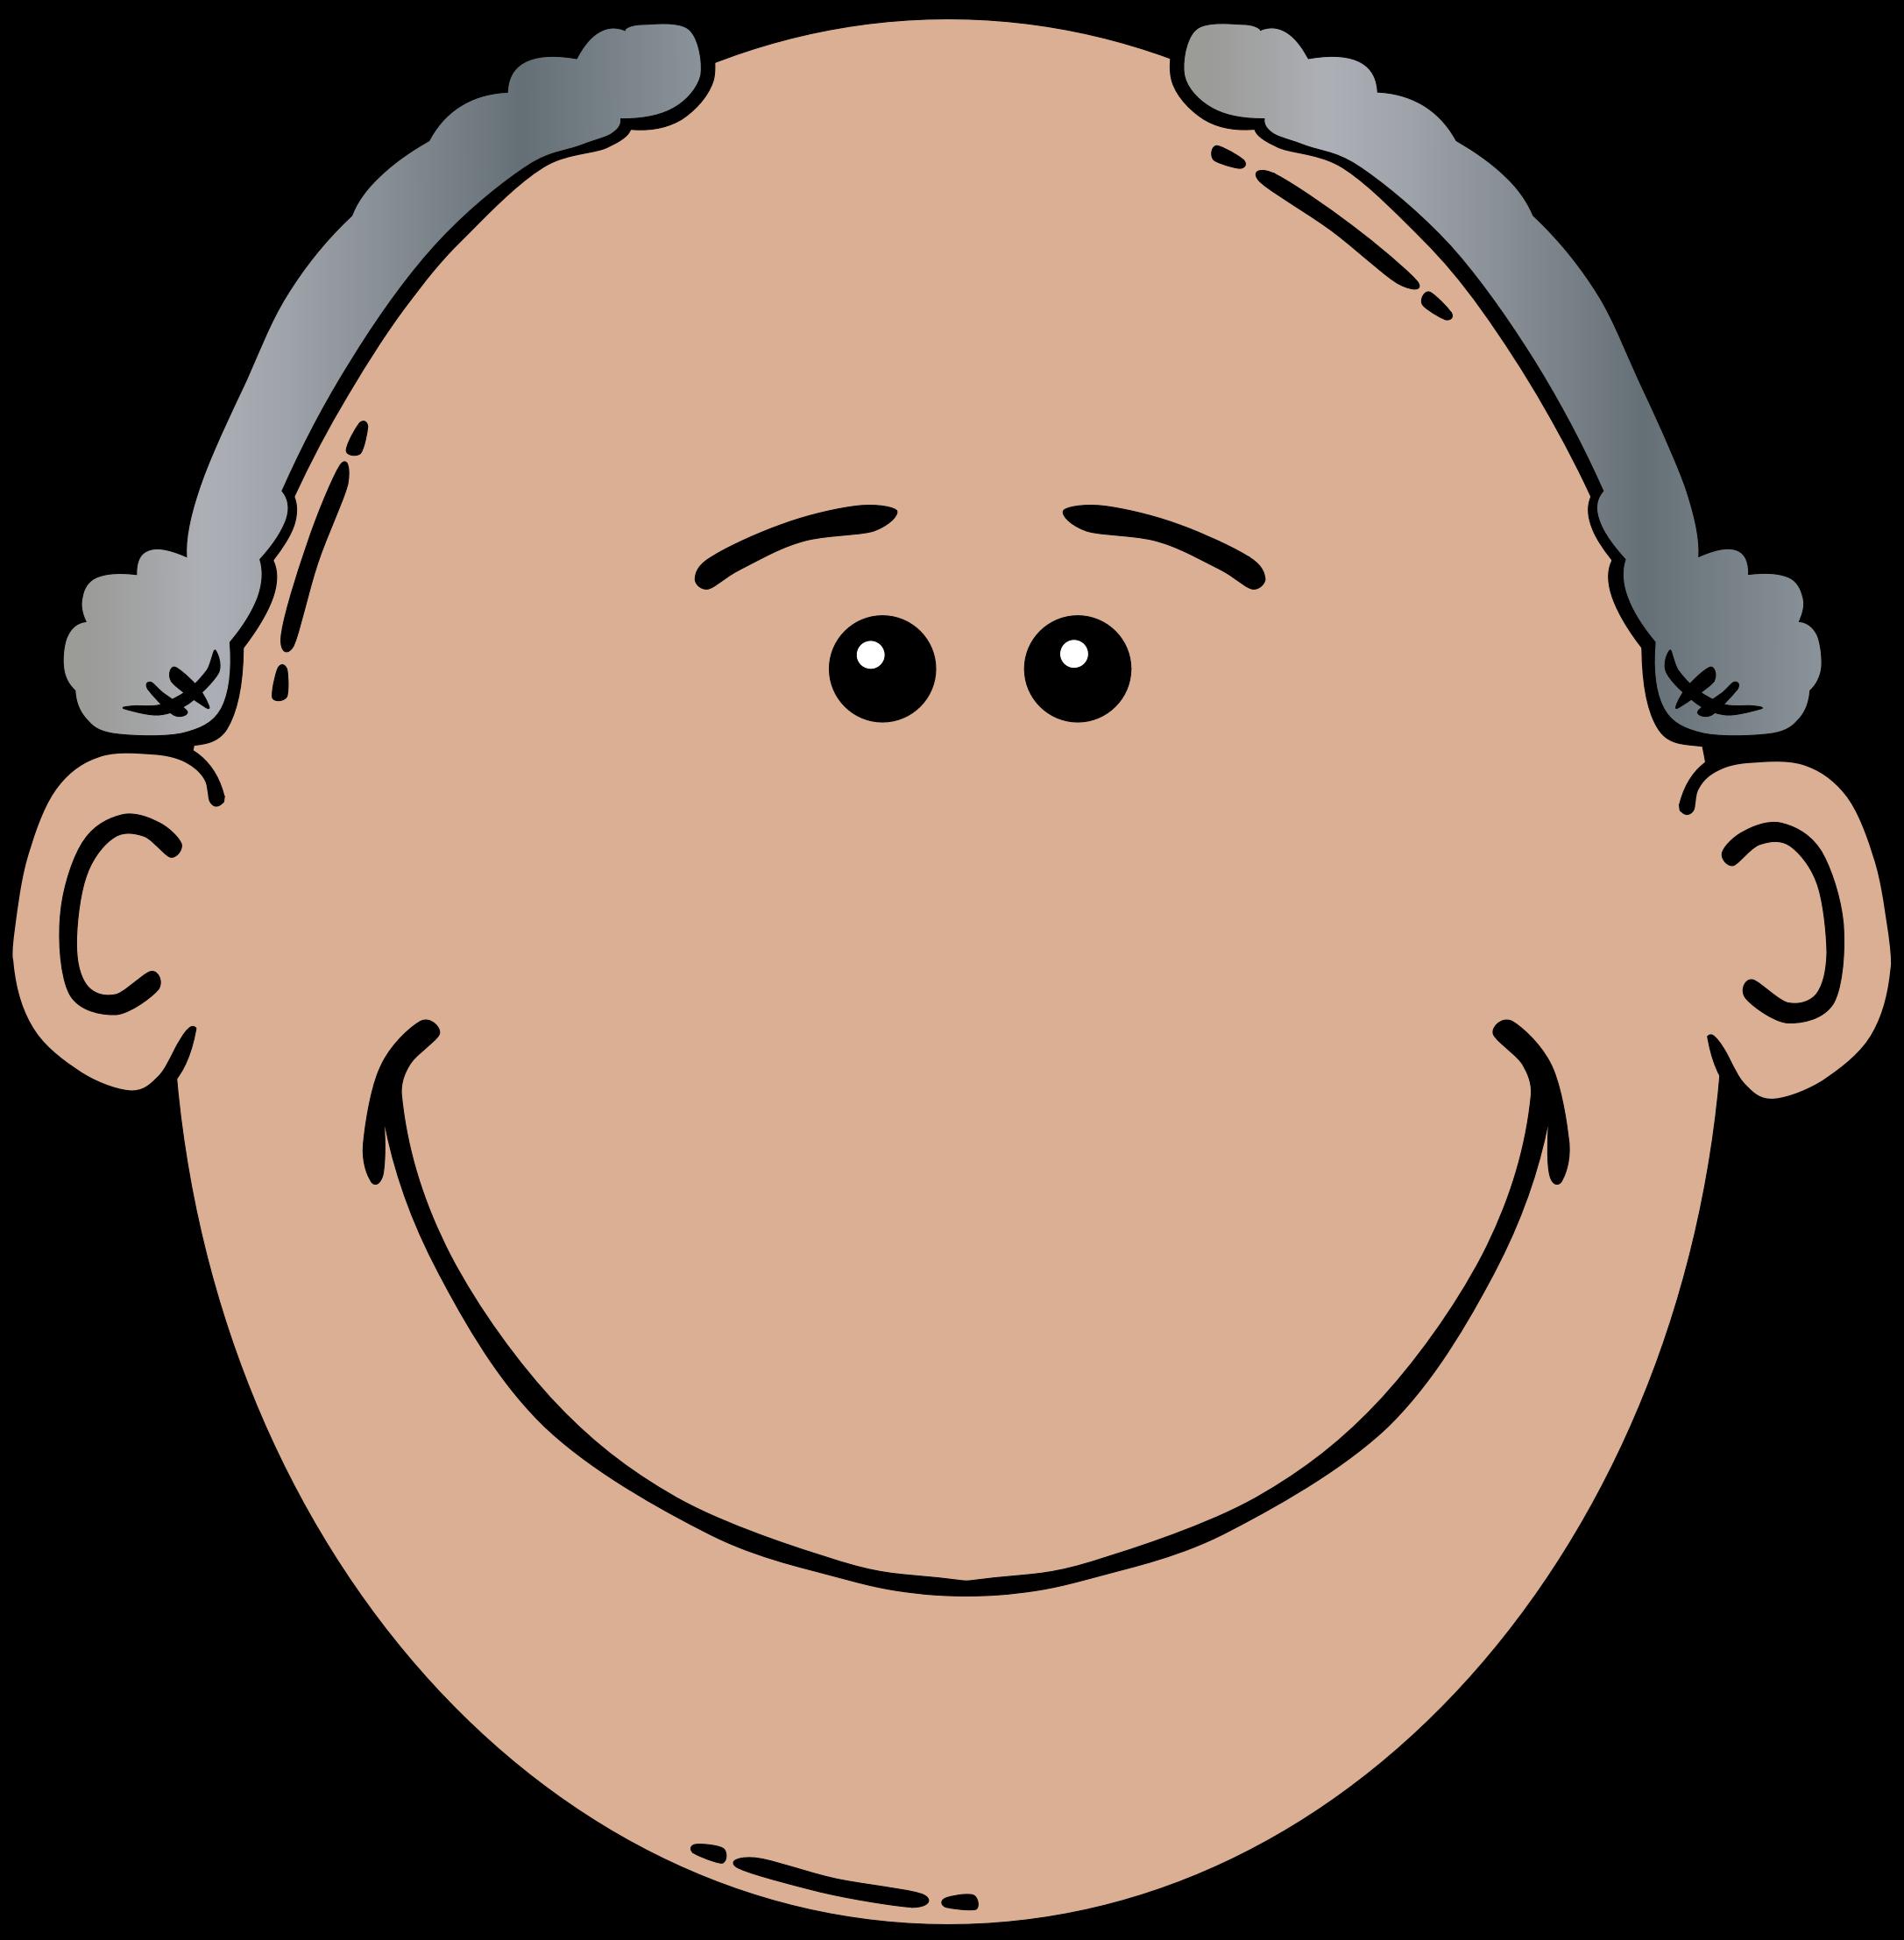 Free Grandpa Cliparts, Download Free Clip Art, Free Clip Art on.